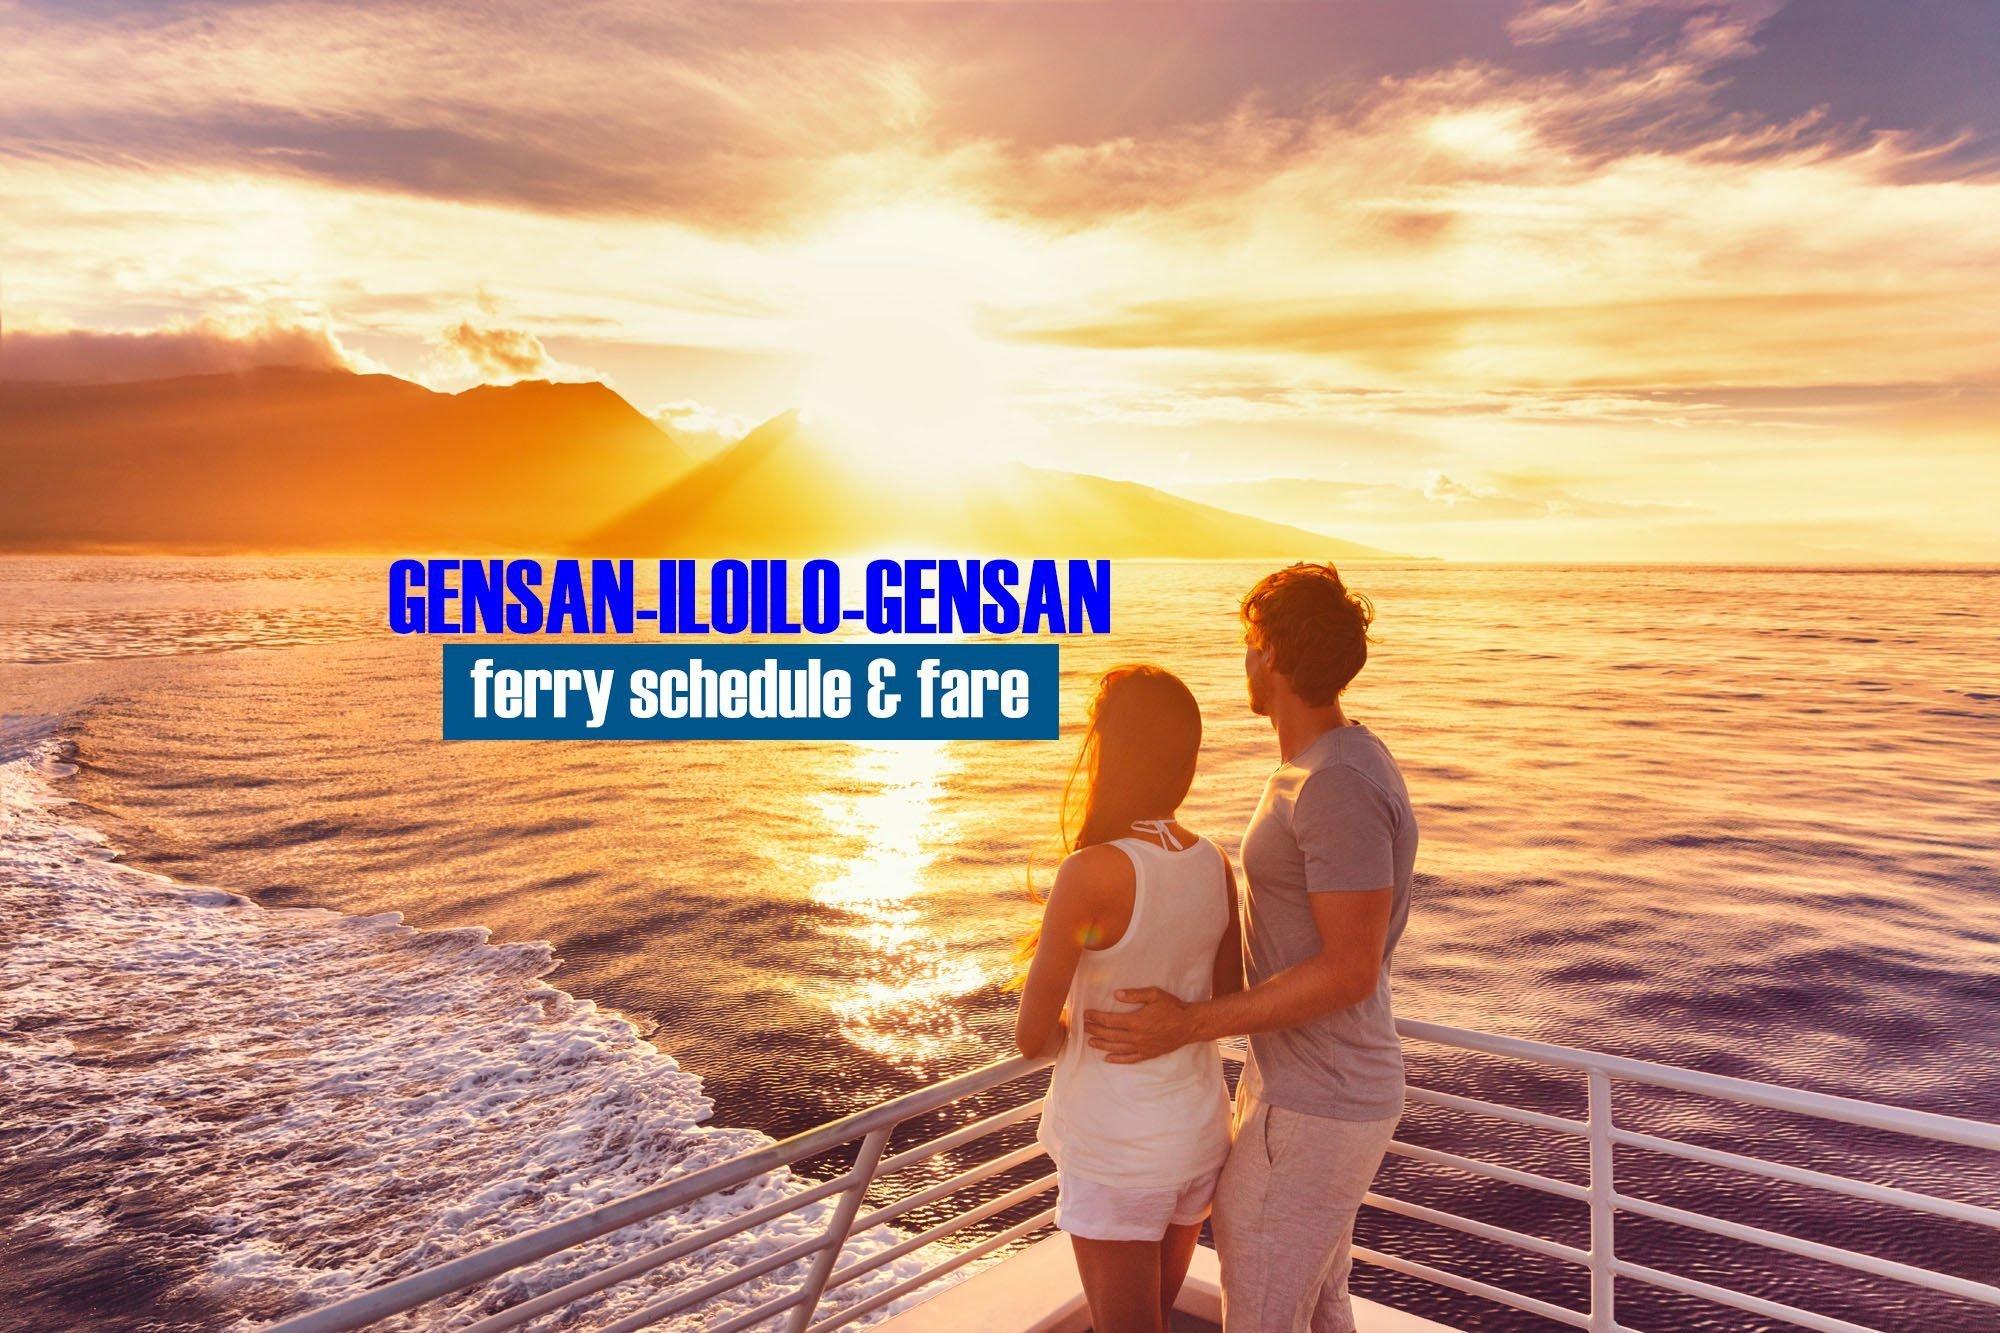 General Santos to Iloilo: 2019 Boat Schedule and Fare